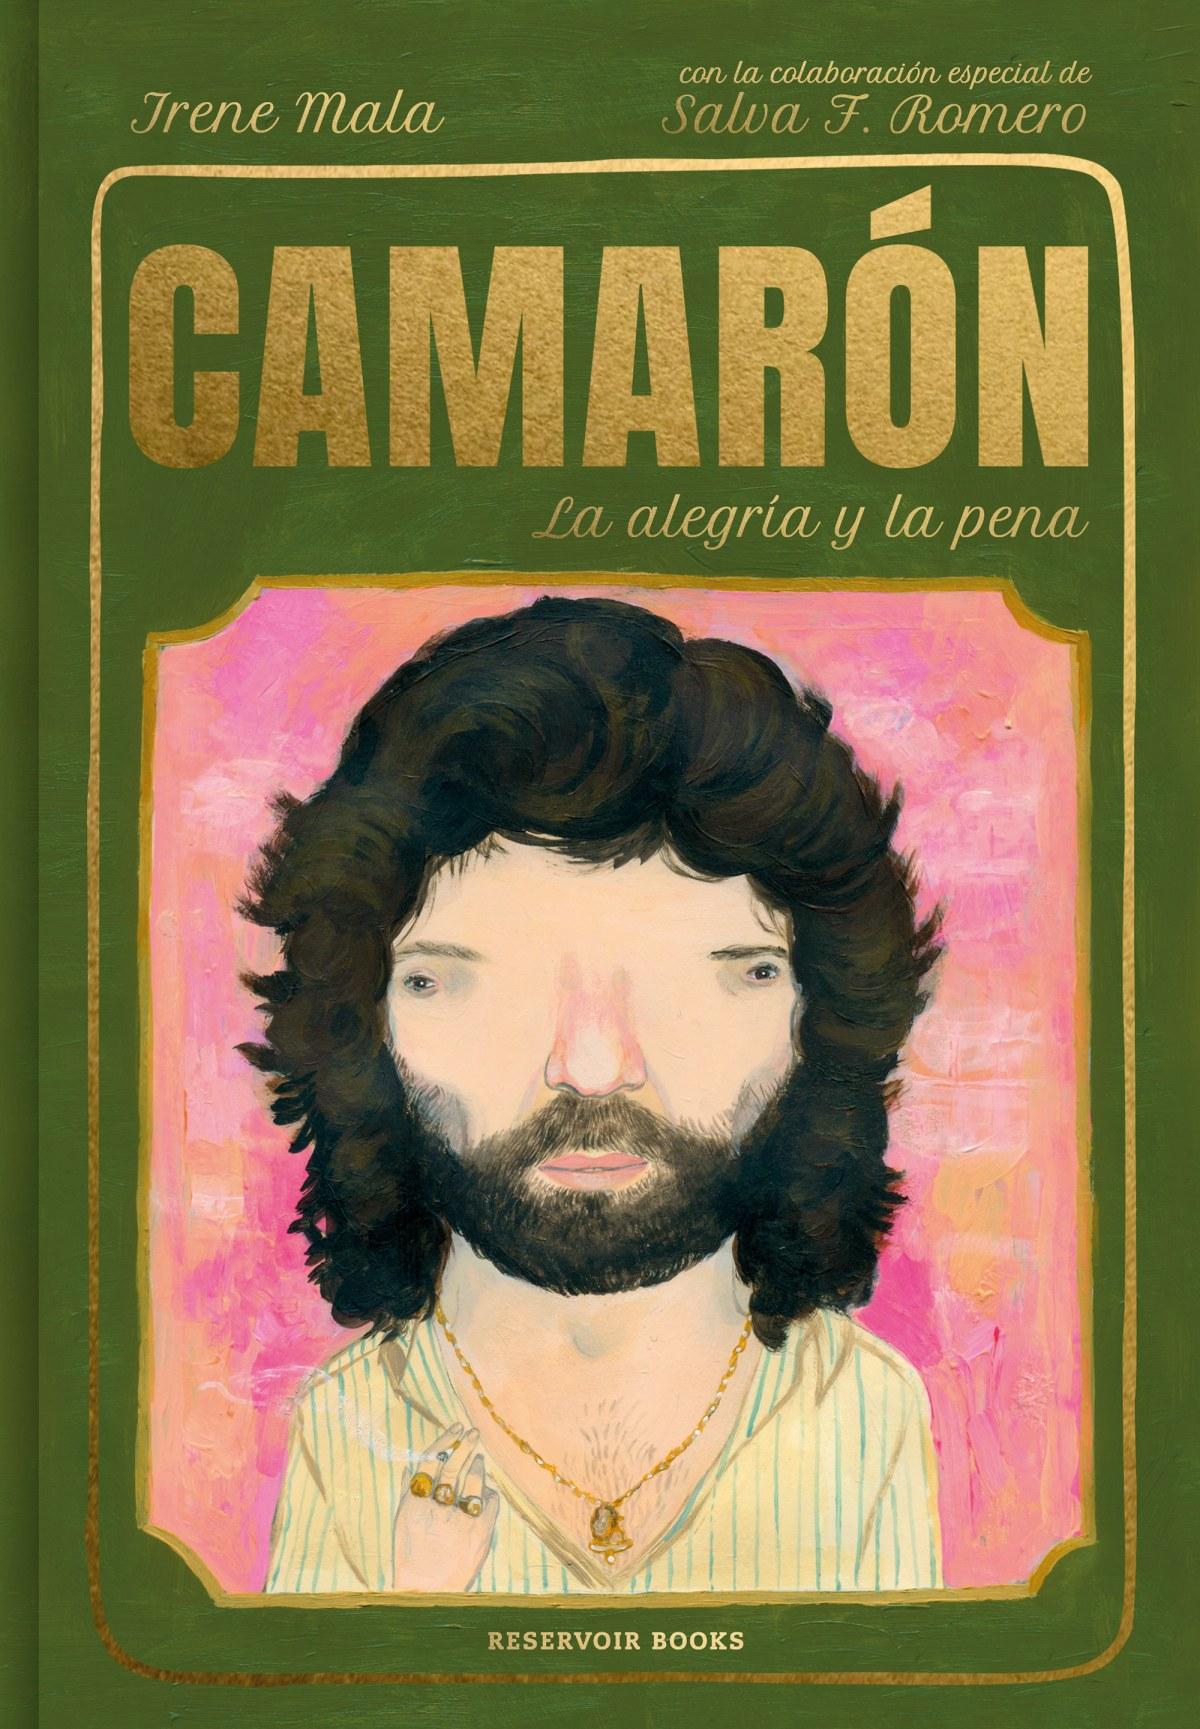 Camarón, la alegr¡a y la pena 9788417910754